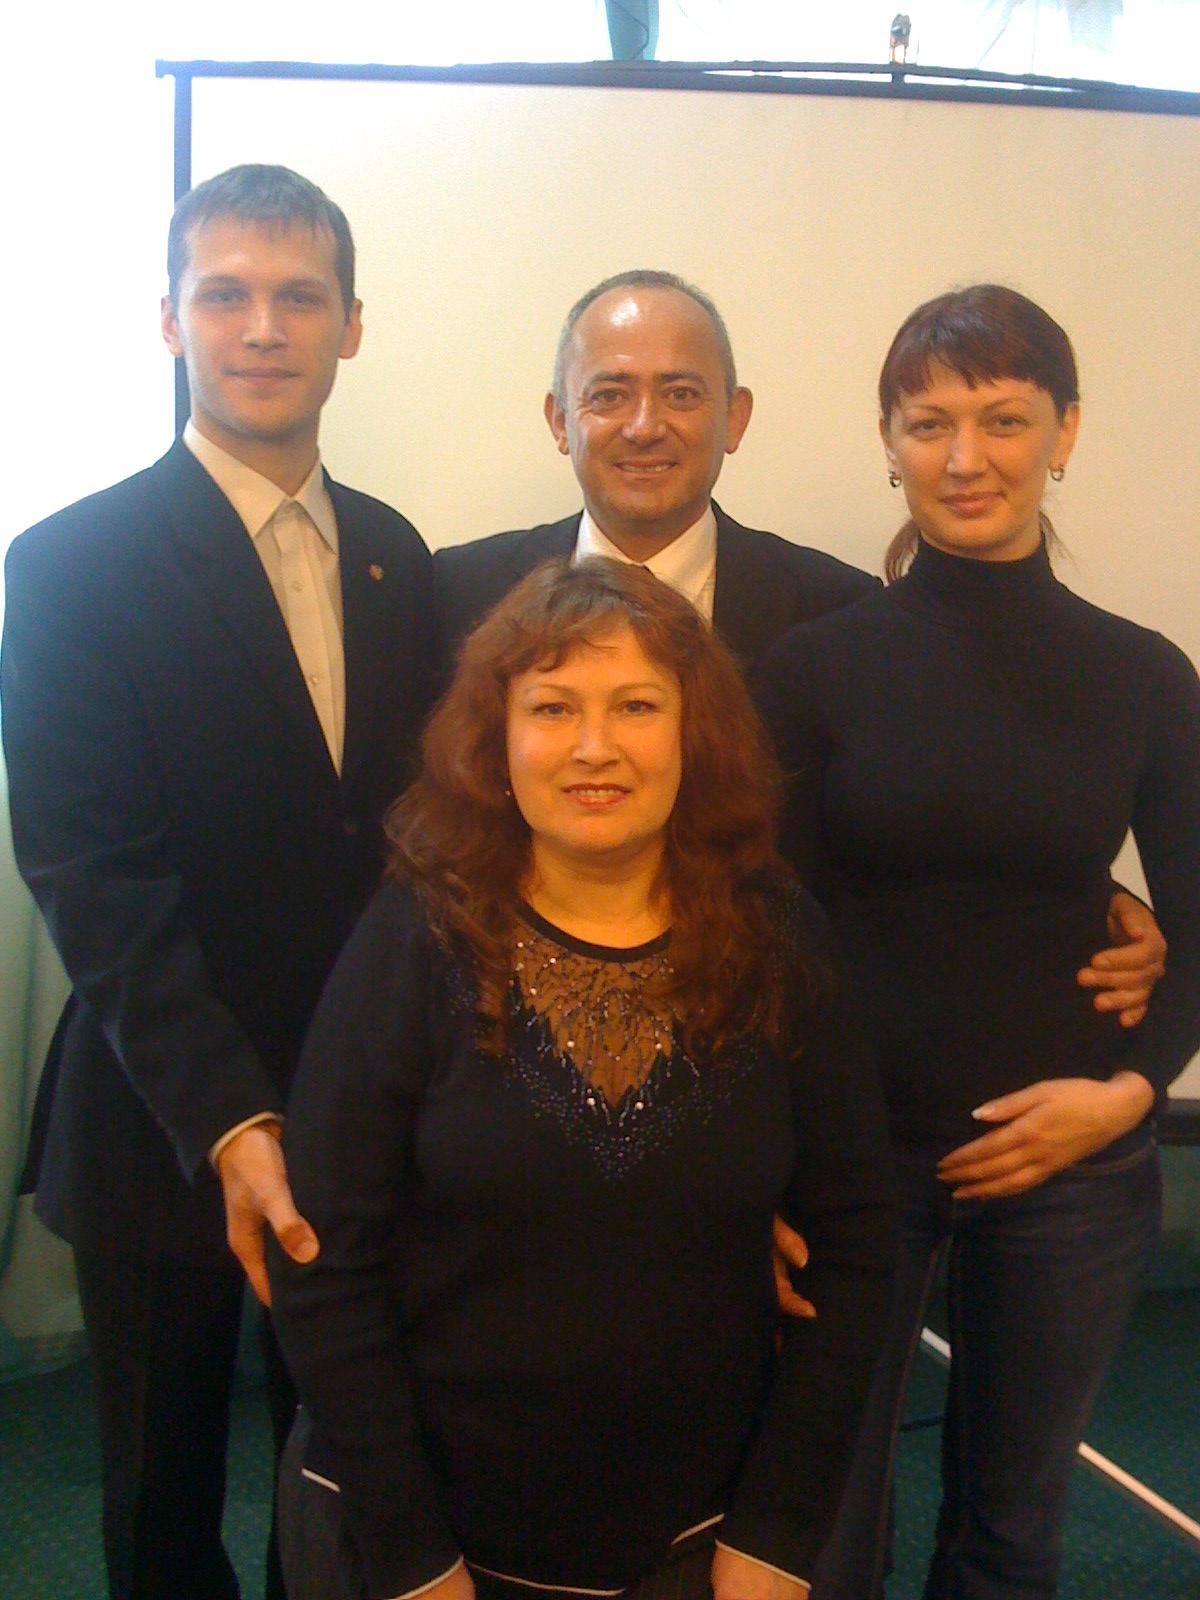 фотография с Аттилой Гидофалви